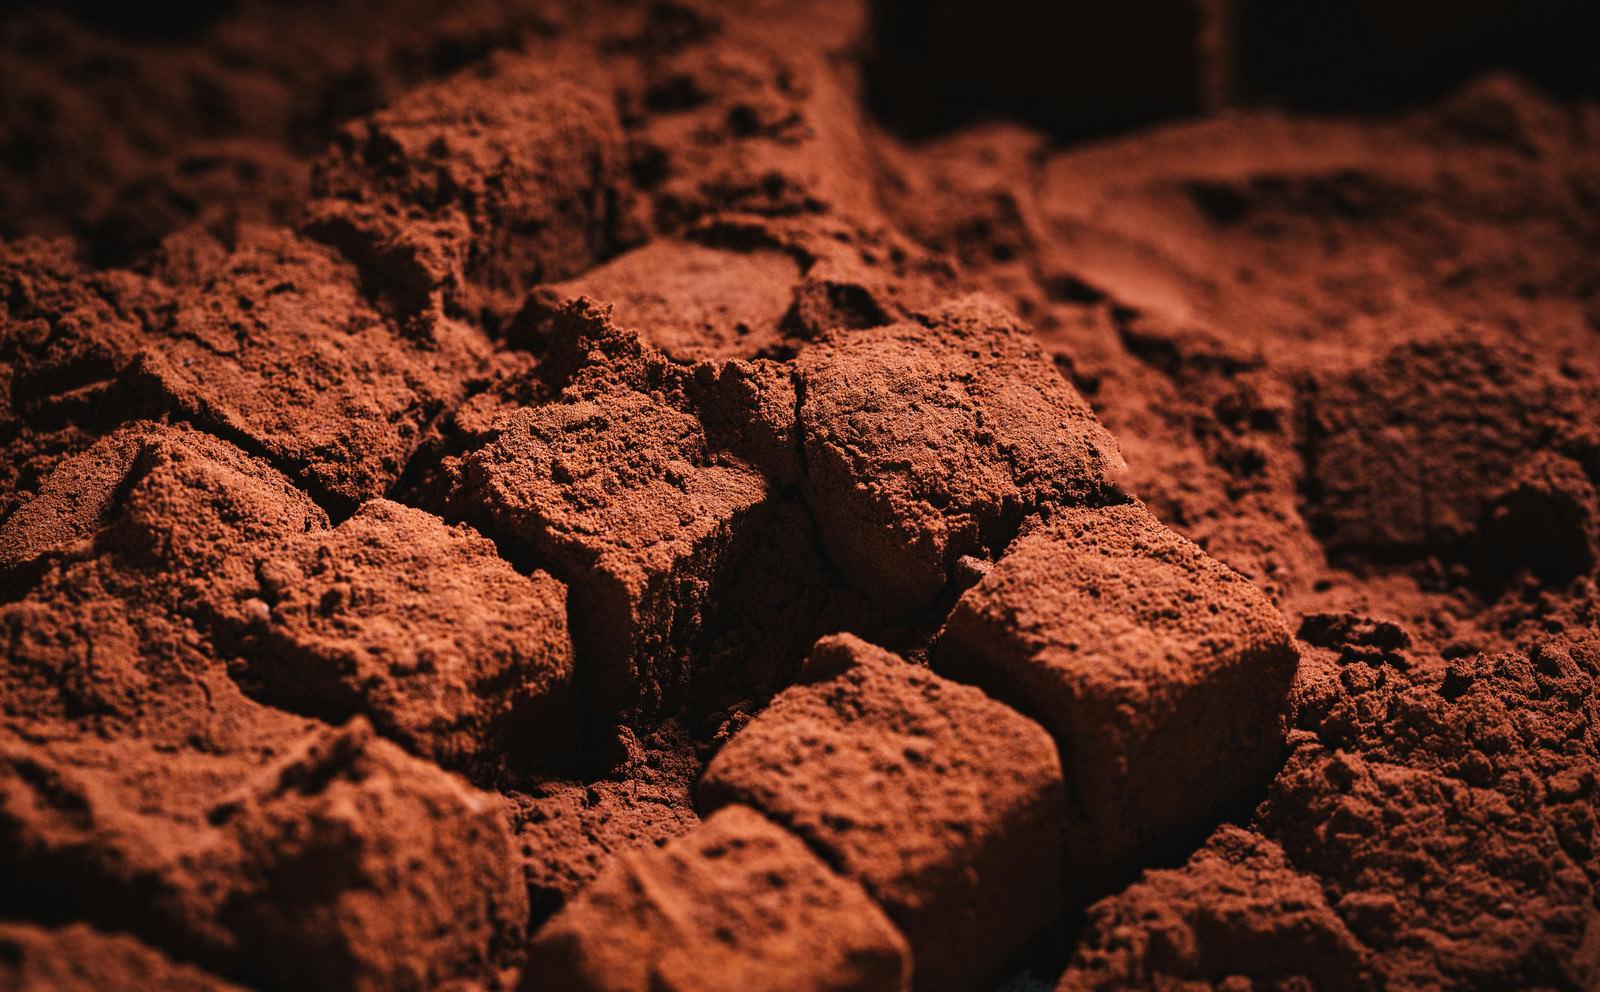 カカオがたっぷりとかかった生チョコレート